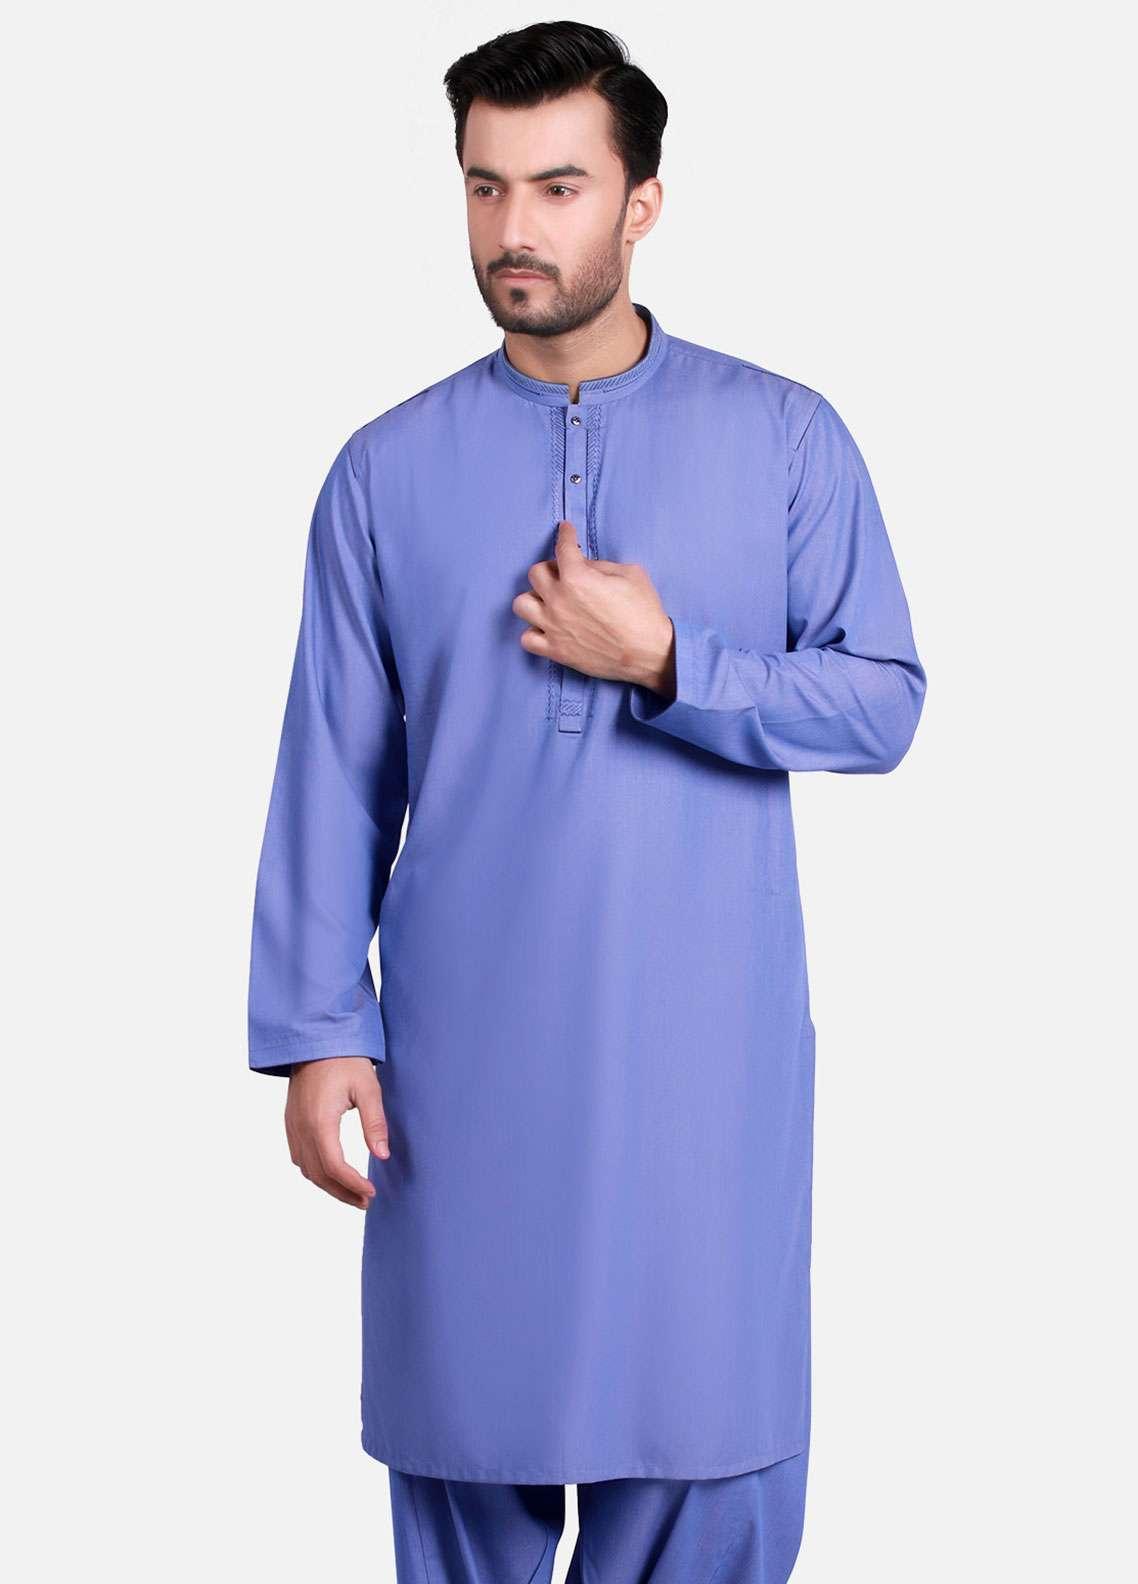 Edenrobe Cotton Formal Men Kameez Shalwar - Blue EMTKS-40730